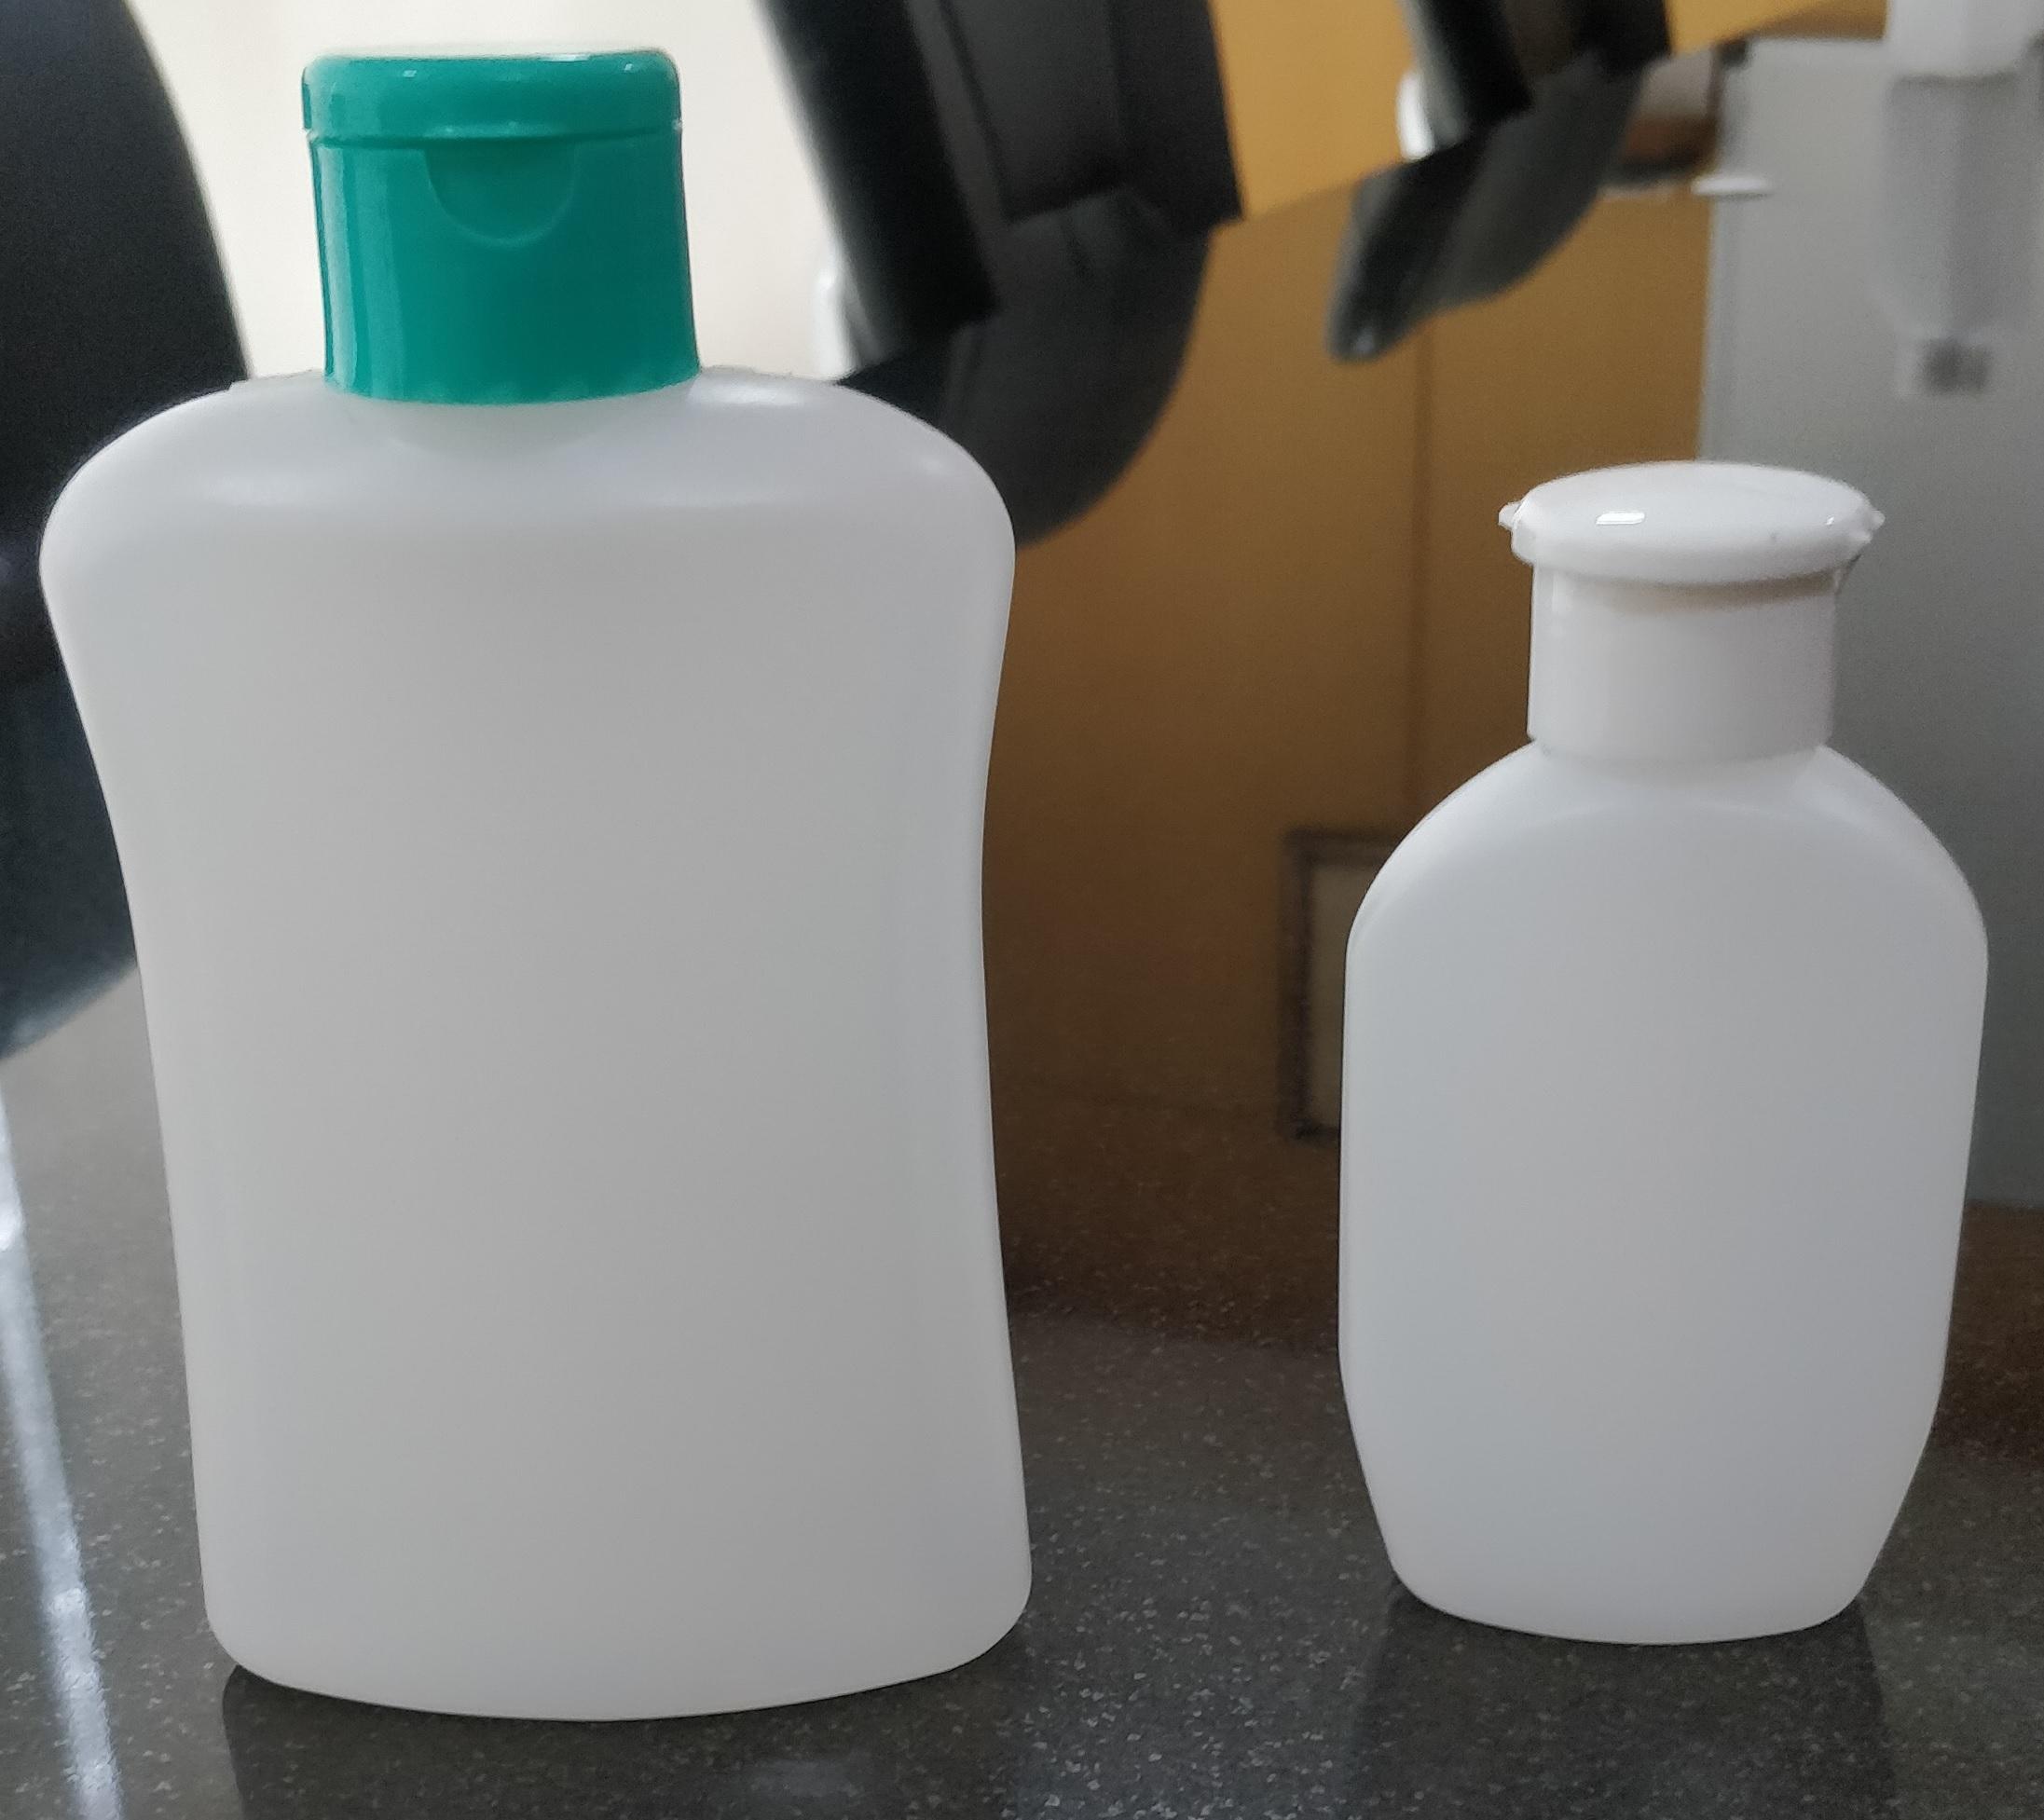 Pocket Sanitizer